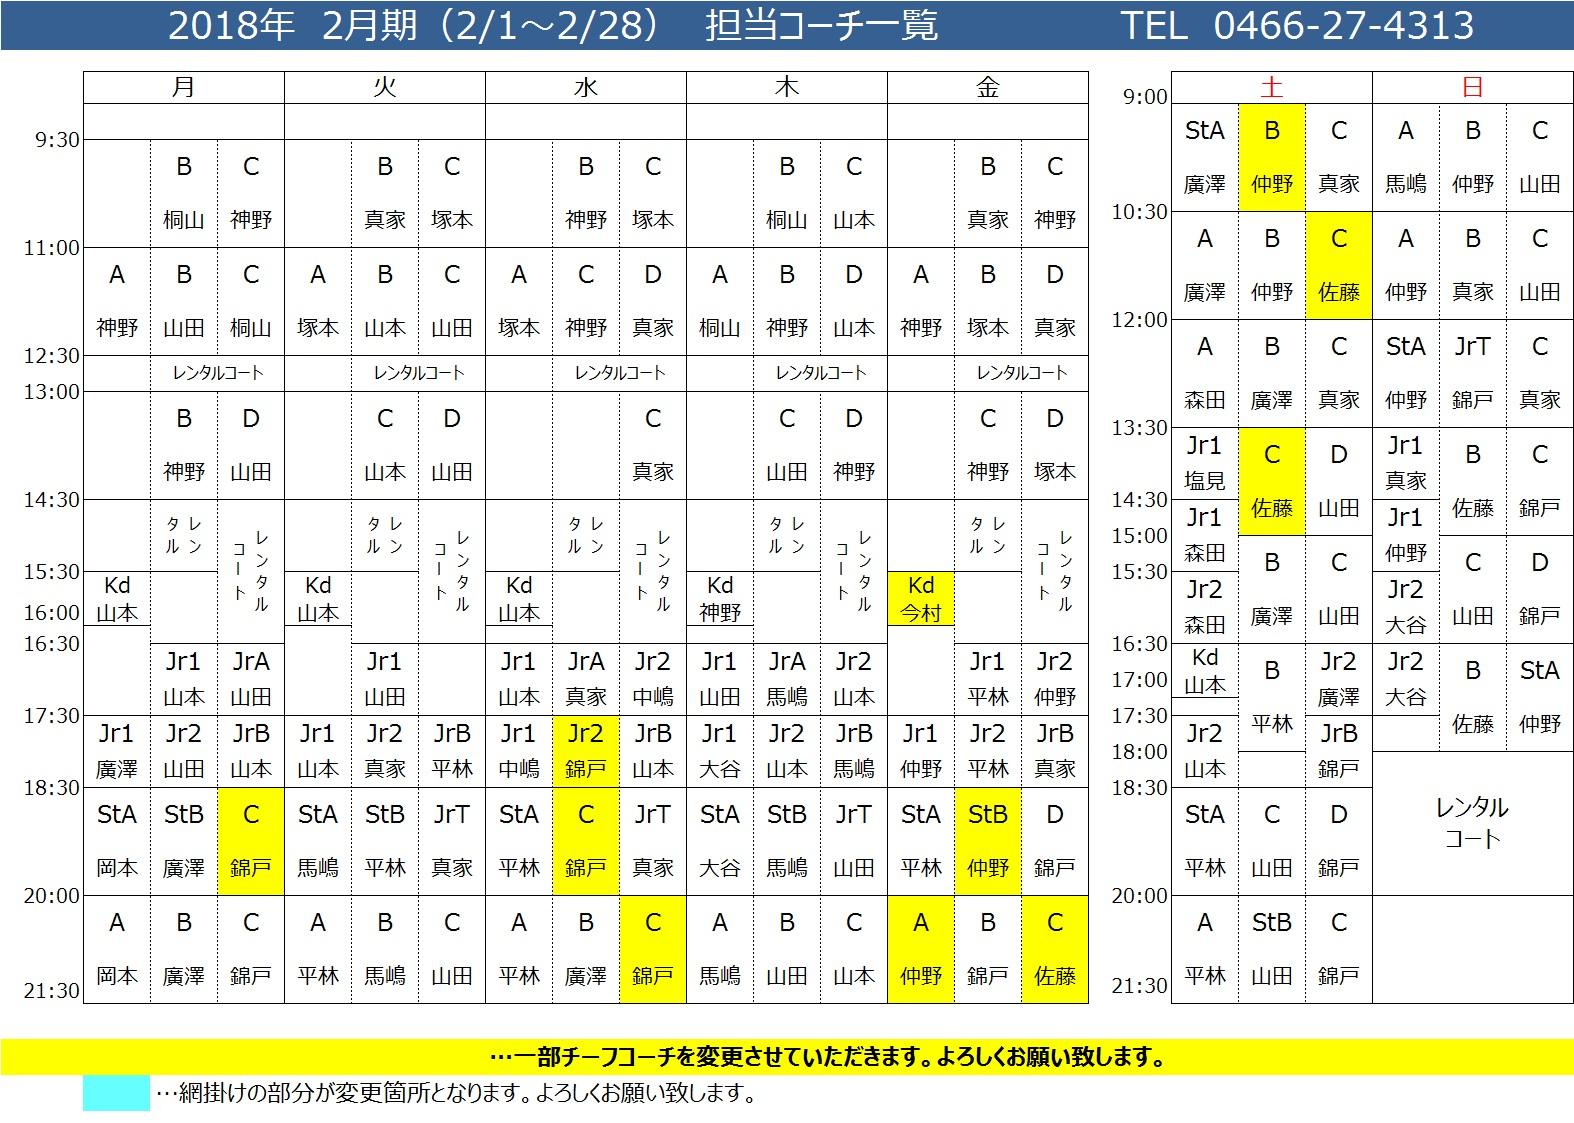 1802コーチ配置表